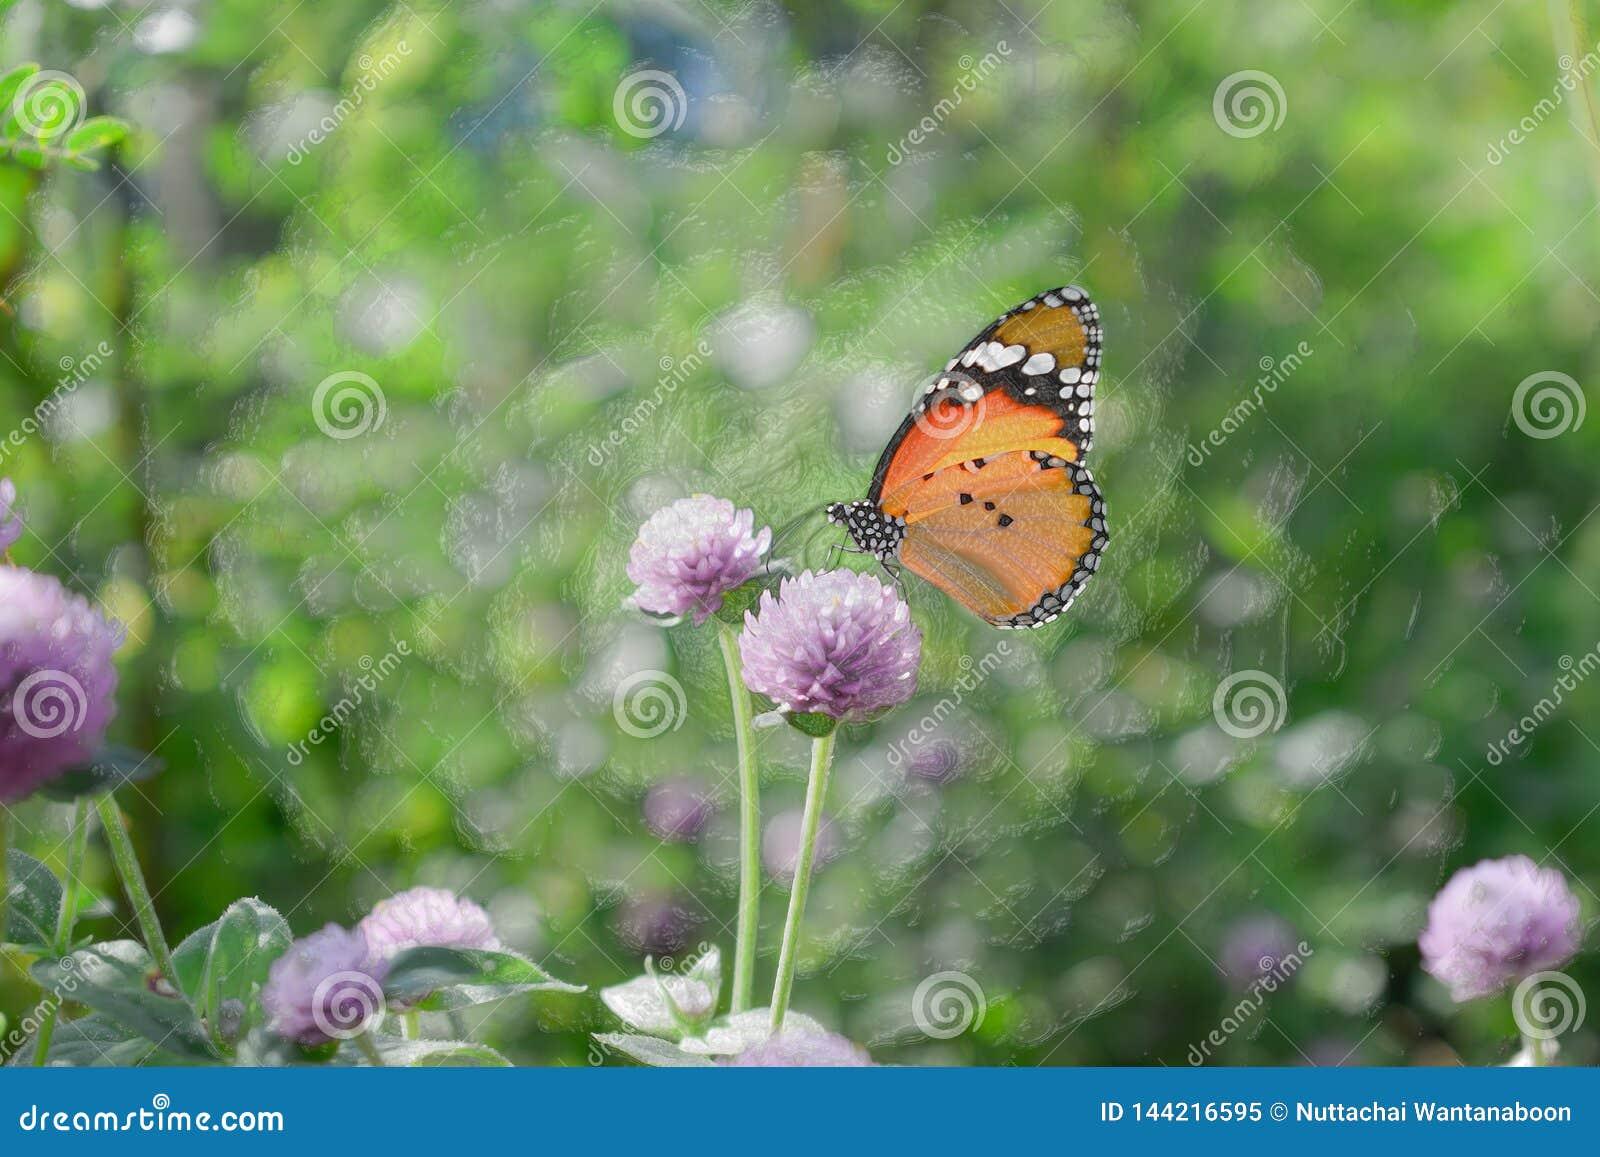 ‹En plastique d image†de style - ‹d †étroitement de papillon sur la fleur, fond de nature